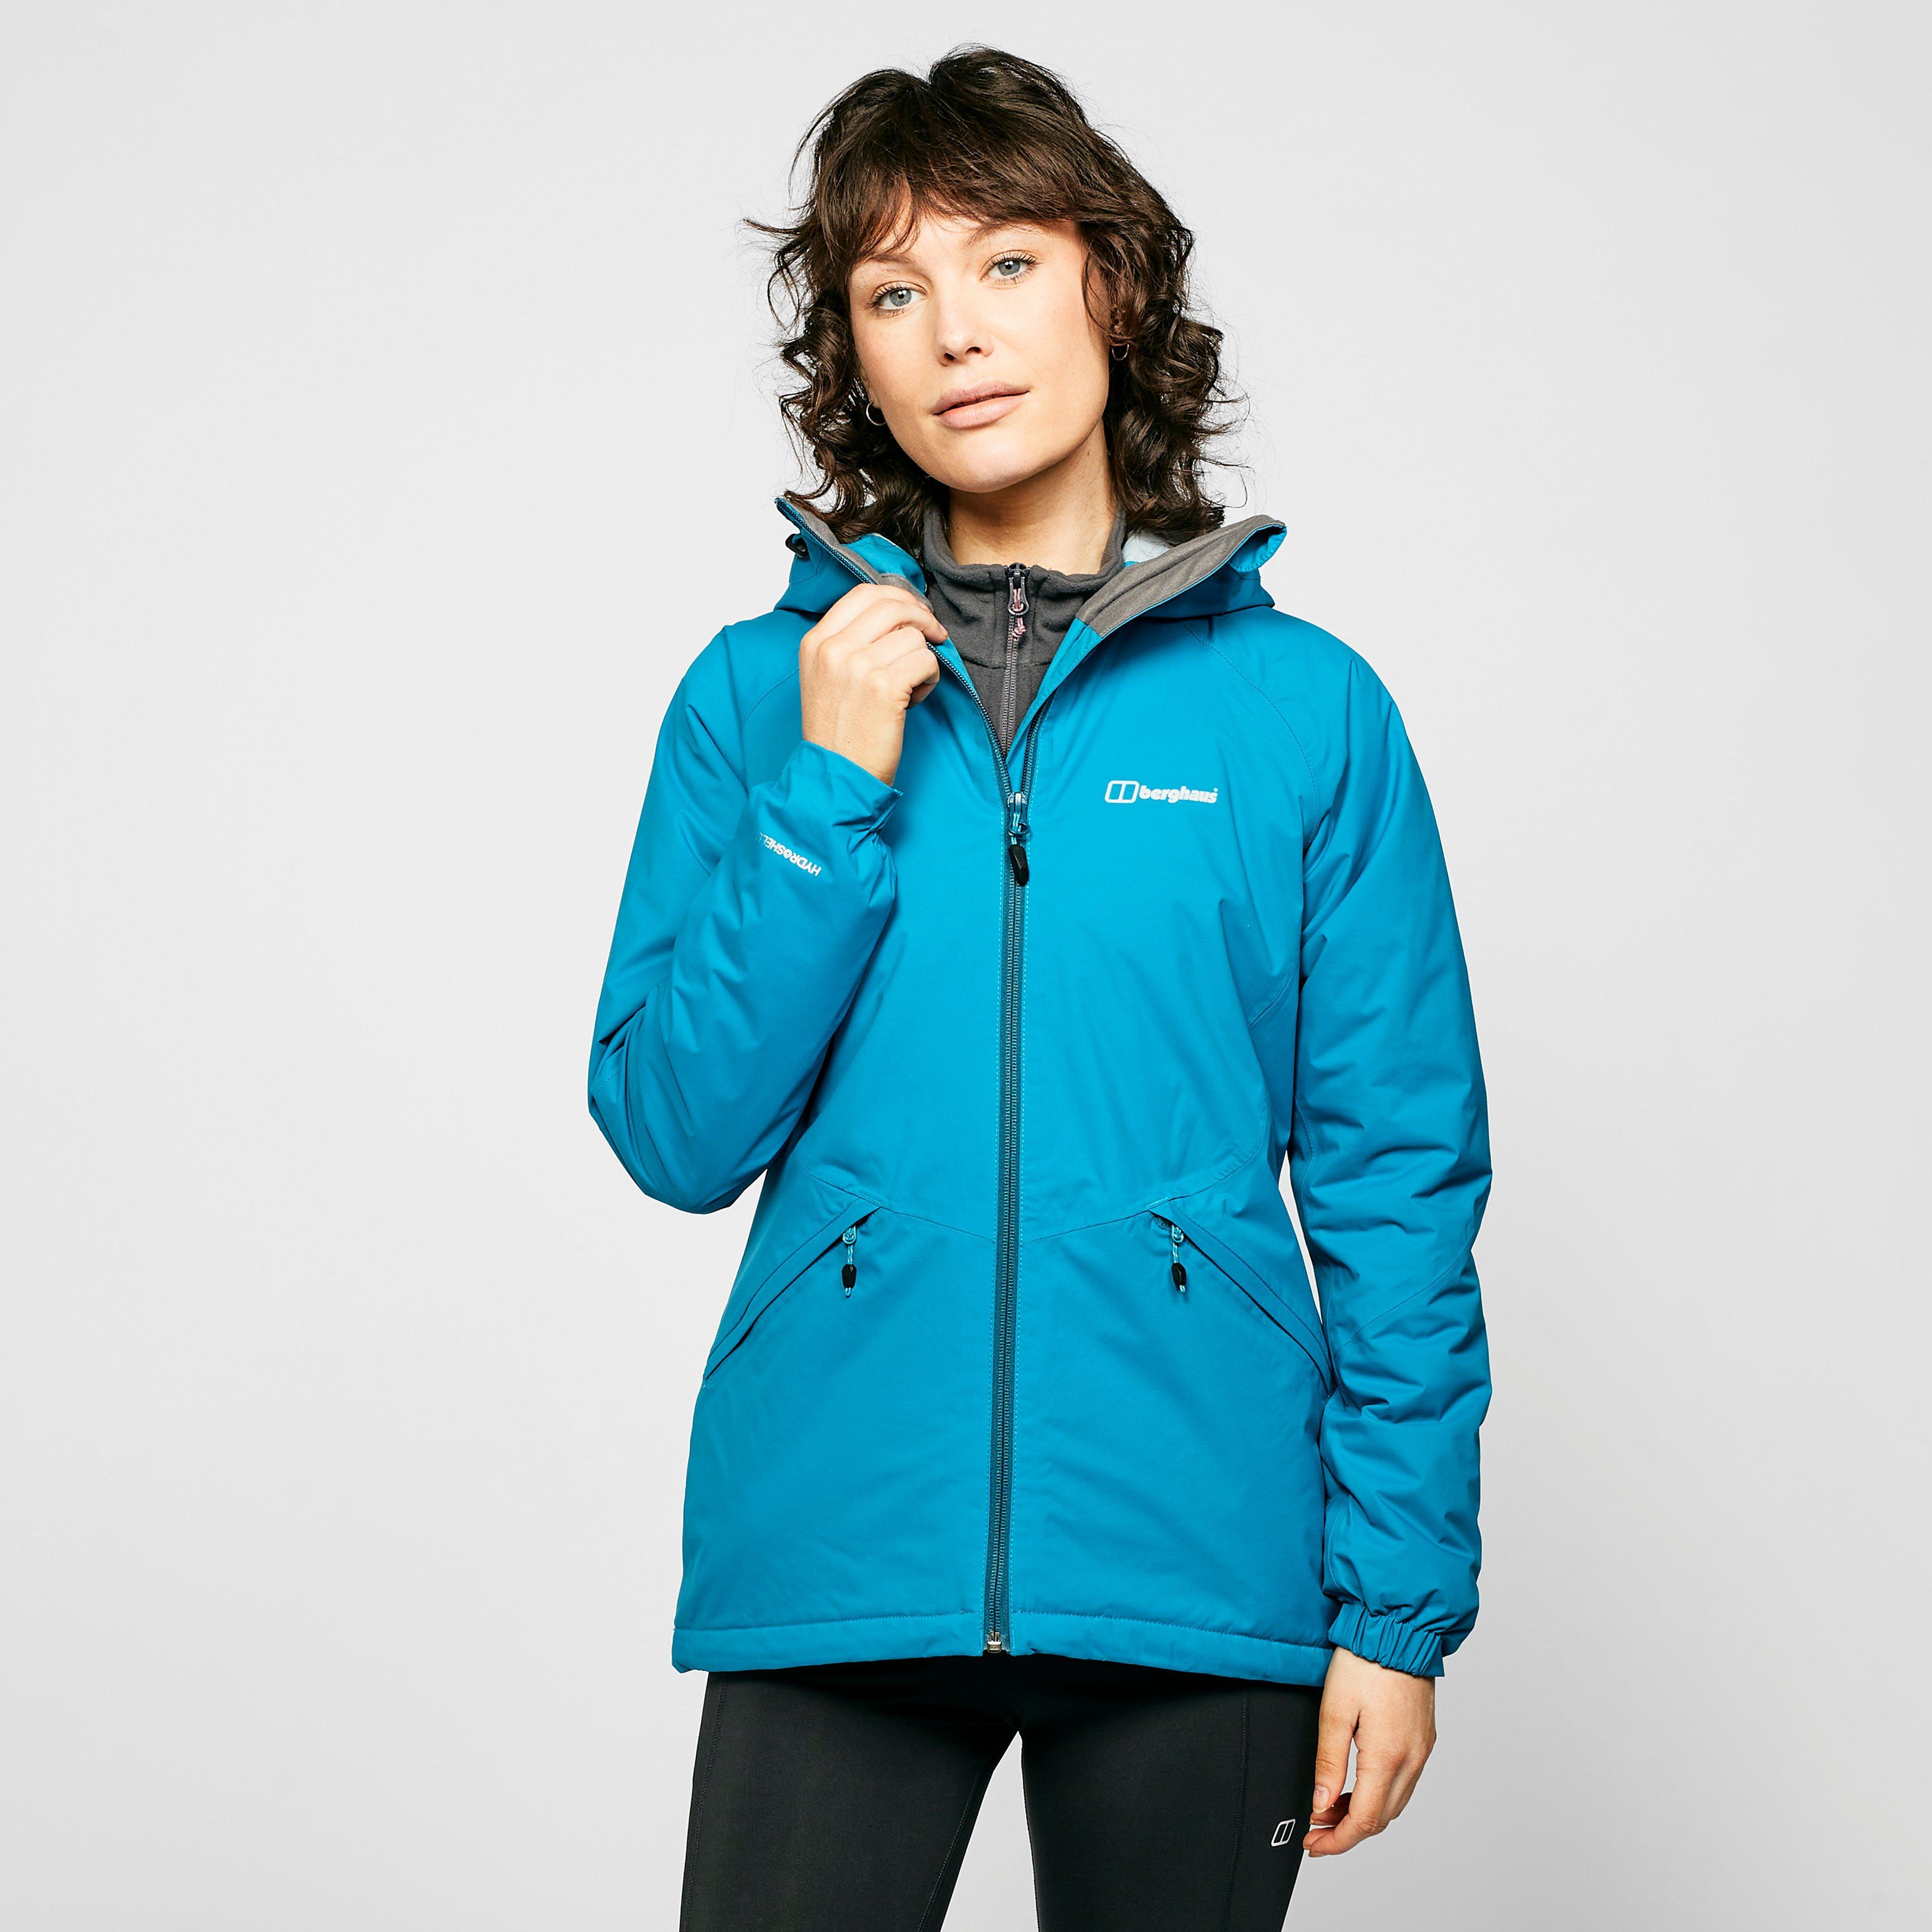 Berghaus Womens Stormcloud Waterproof Jacket - Blue/af  Blue/af